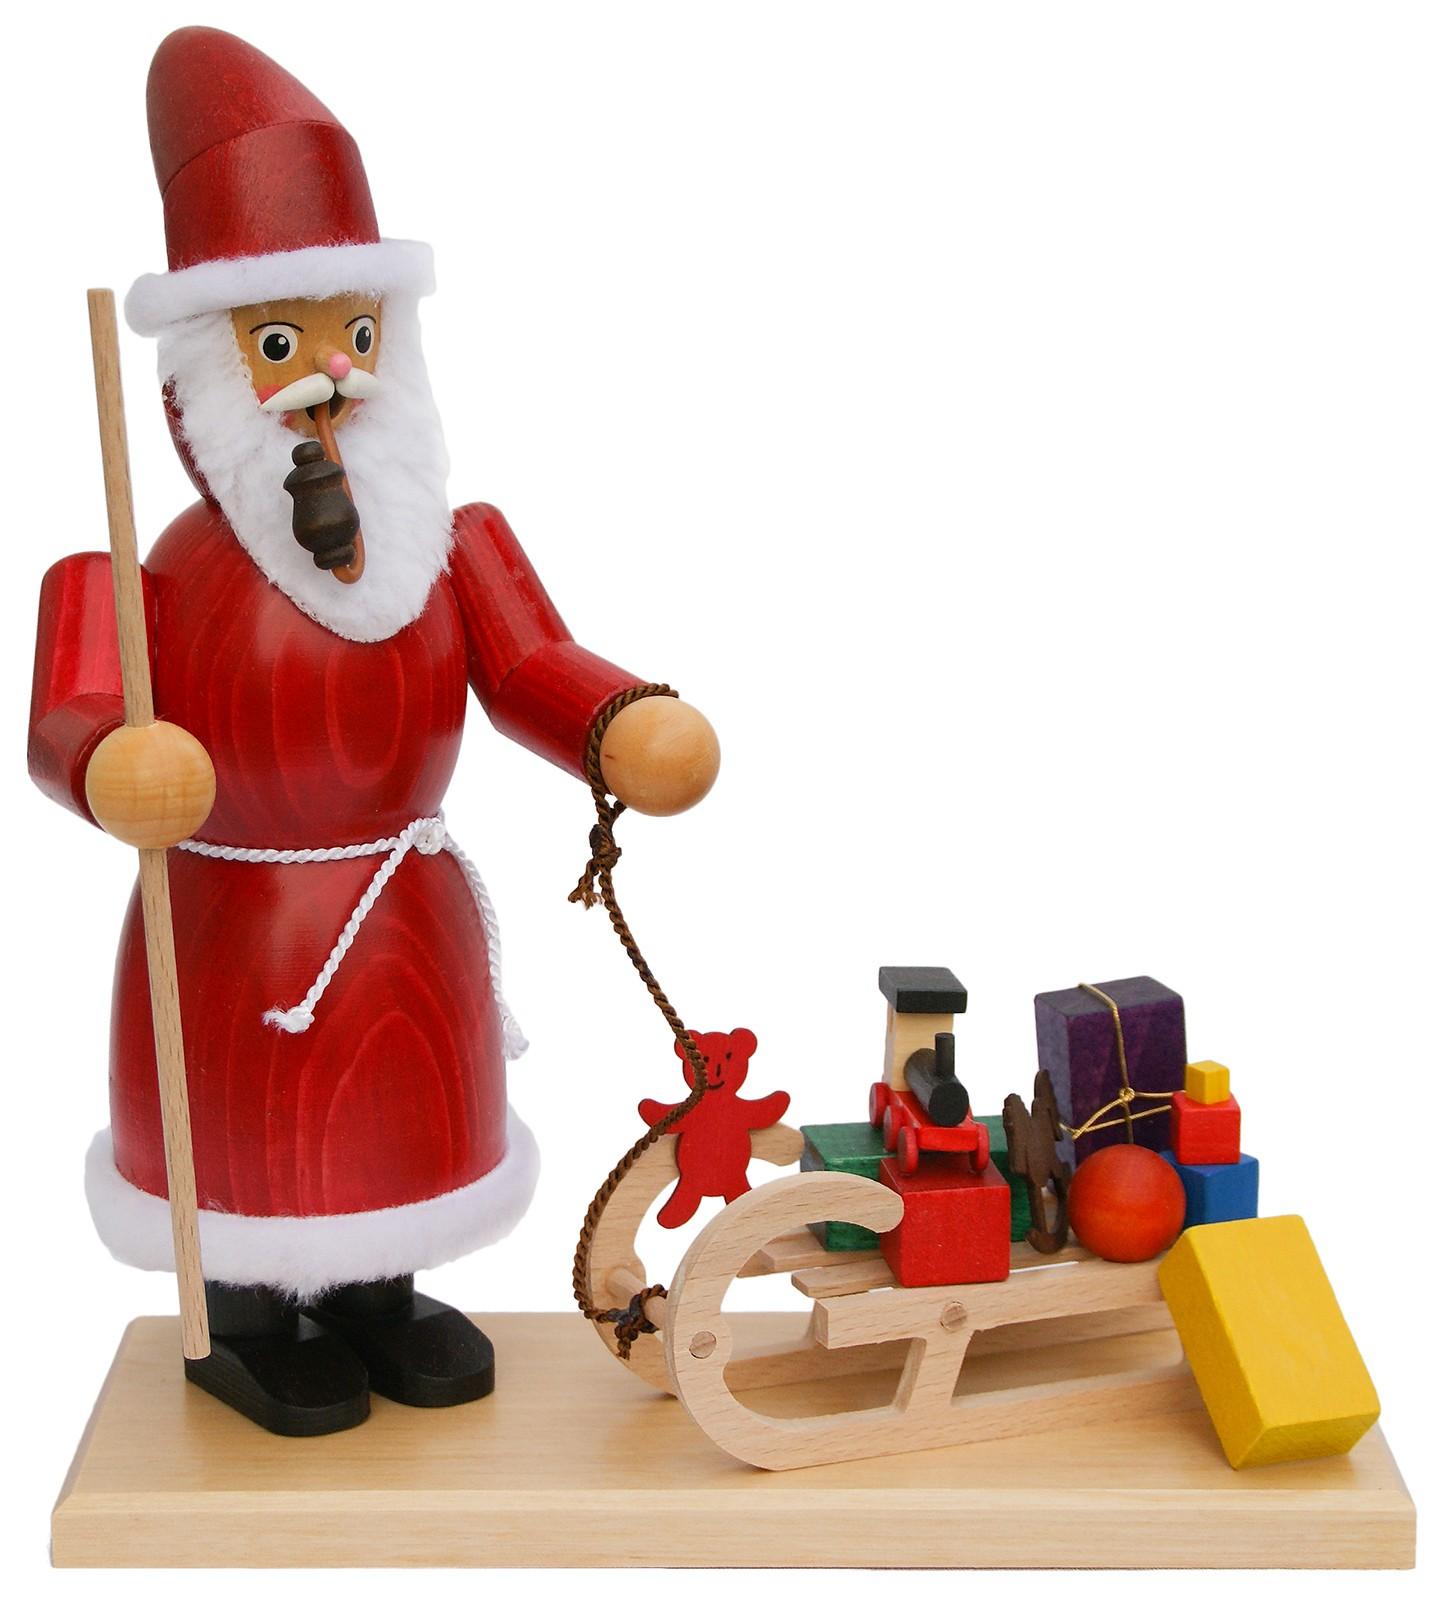 Krauß Räuchermännchen Weihnachtsmann mit Schlitten